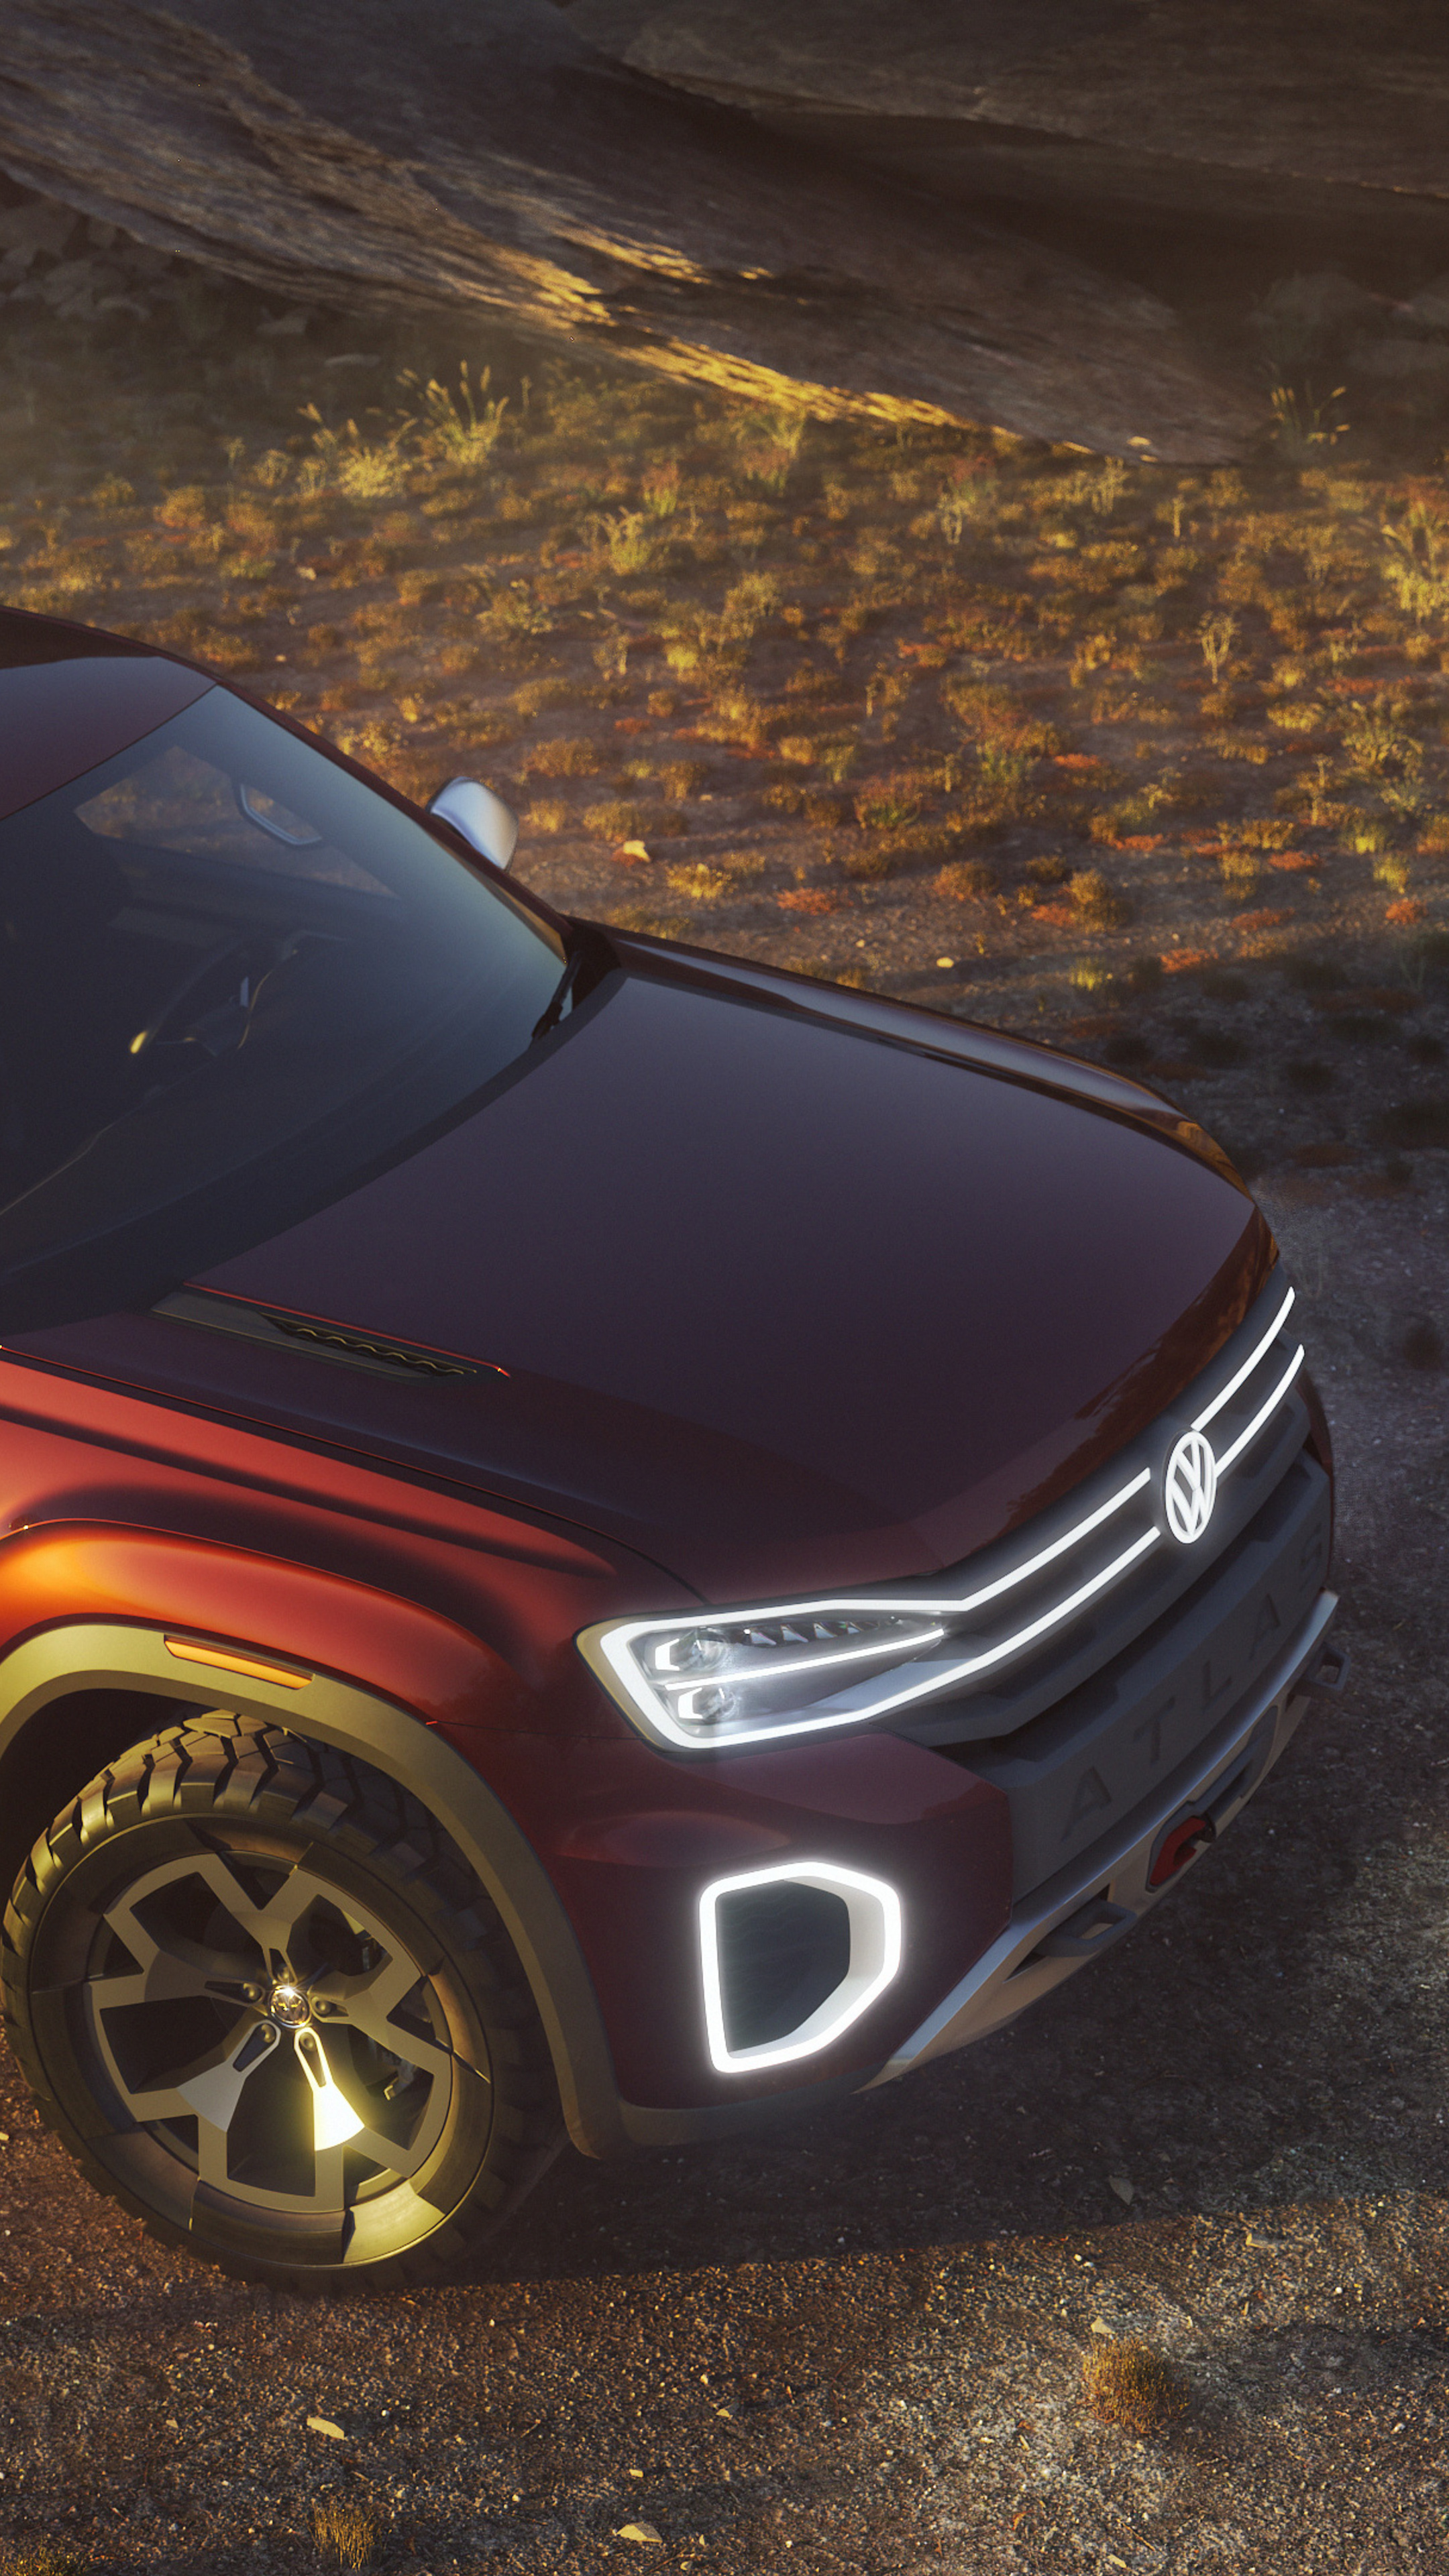 volkswagen-atlas-tanoak-pickup-truck-concept-2018-upper-view-qt.jpg